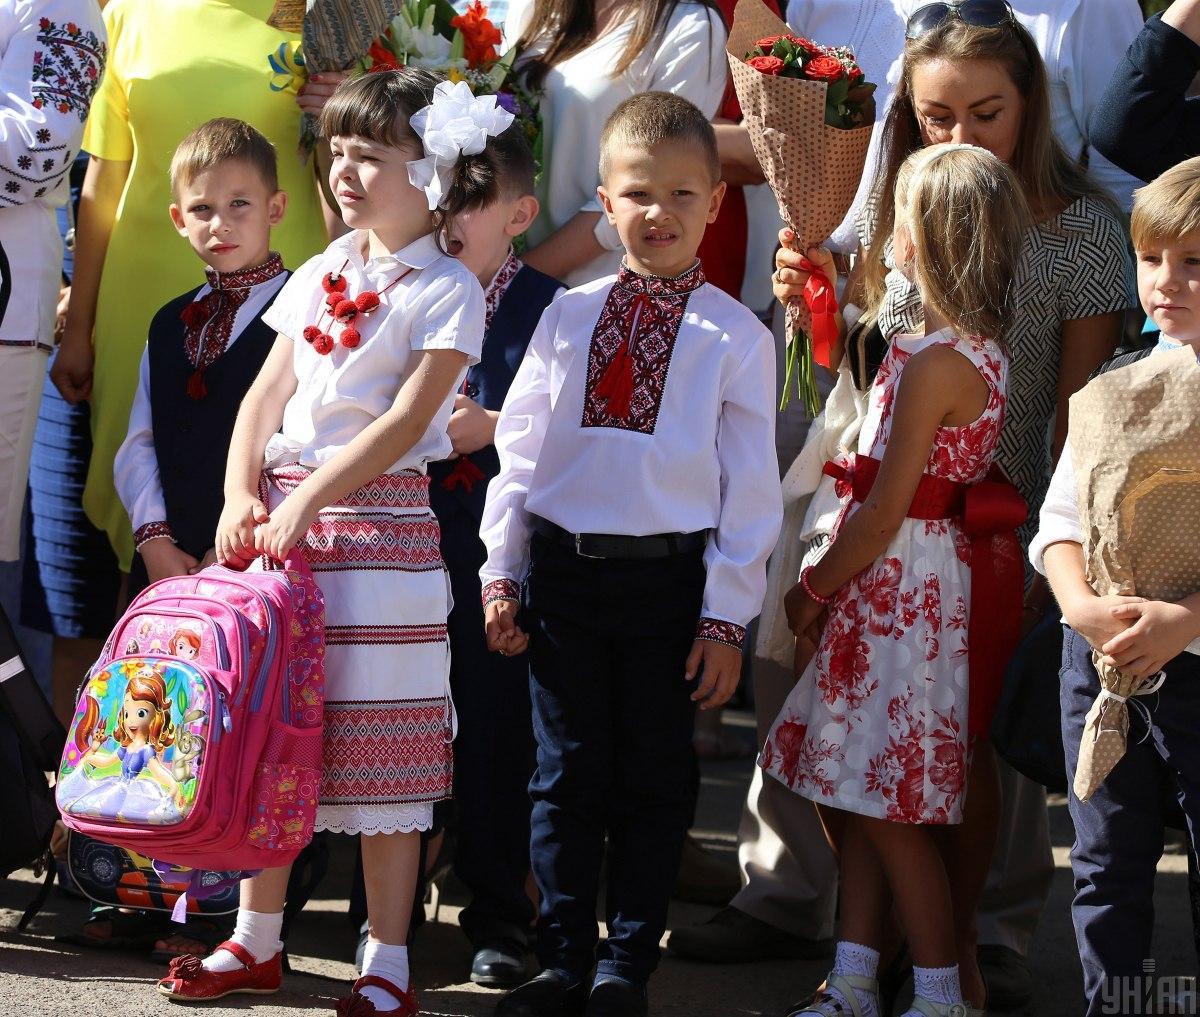 Під час пандемії головне правило підготовки до школи – не поспішати / Фото УНІАН, Євгеній Кравс